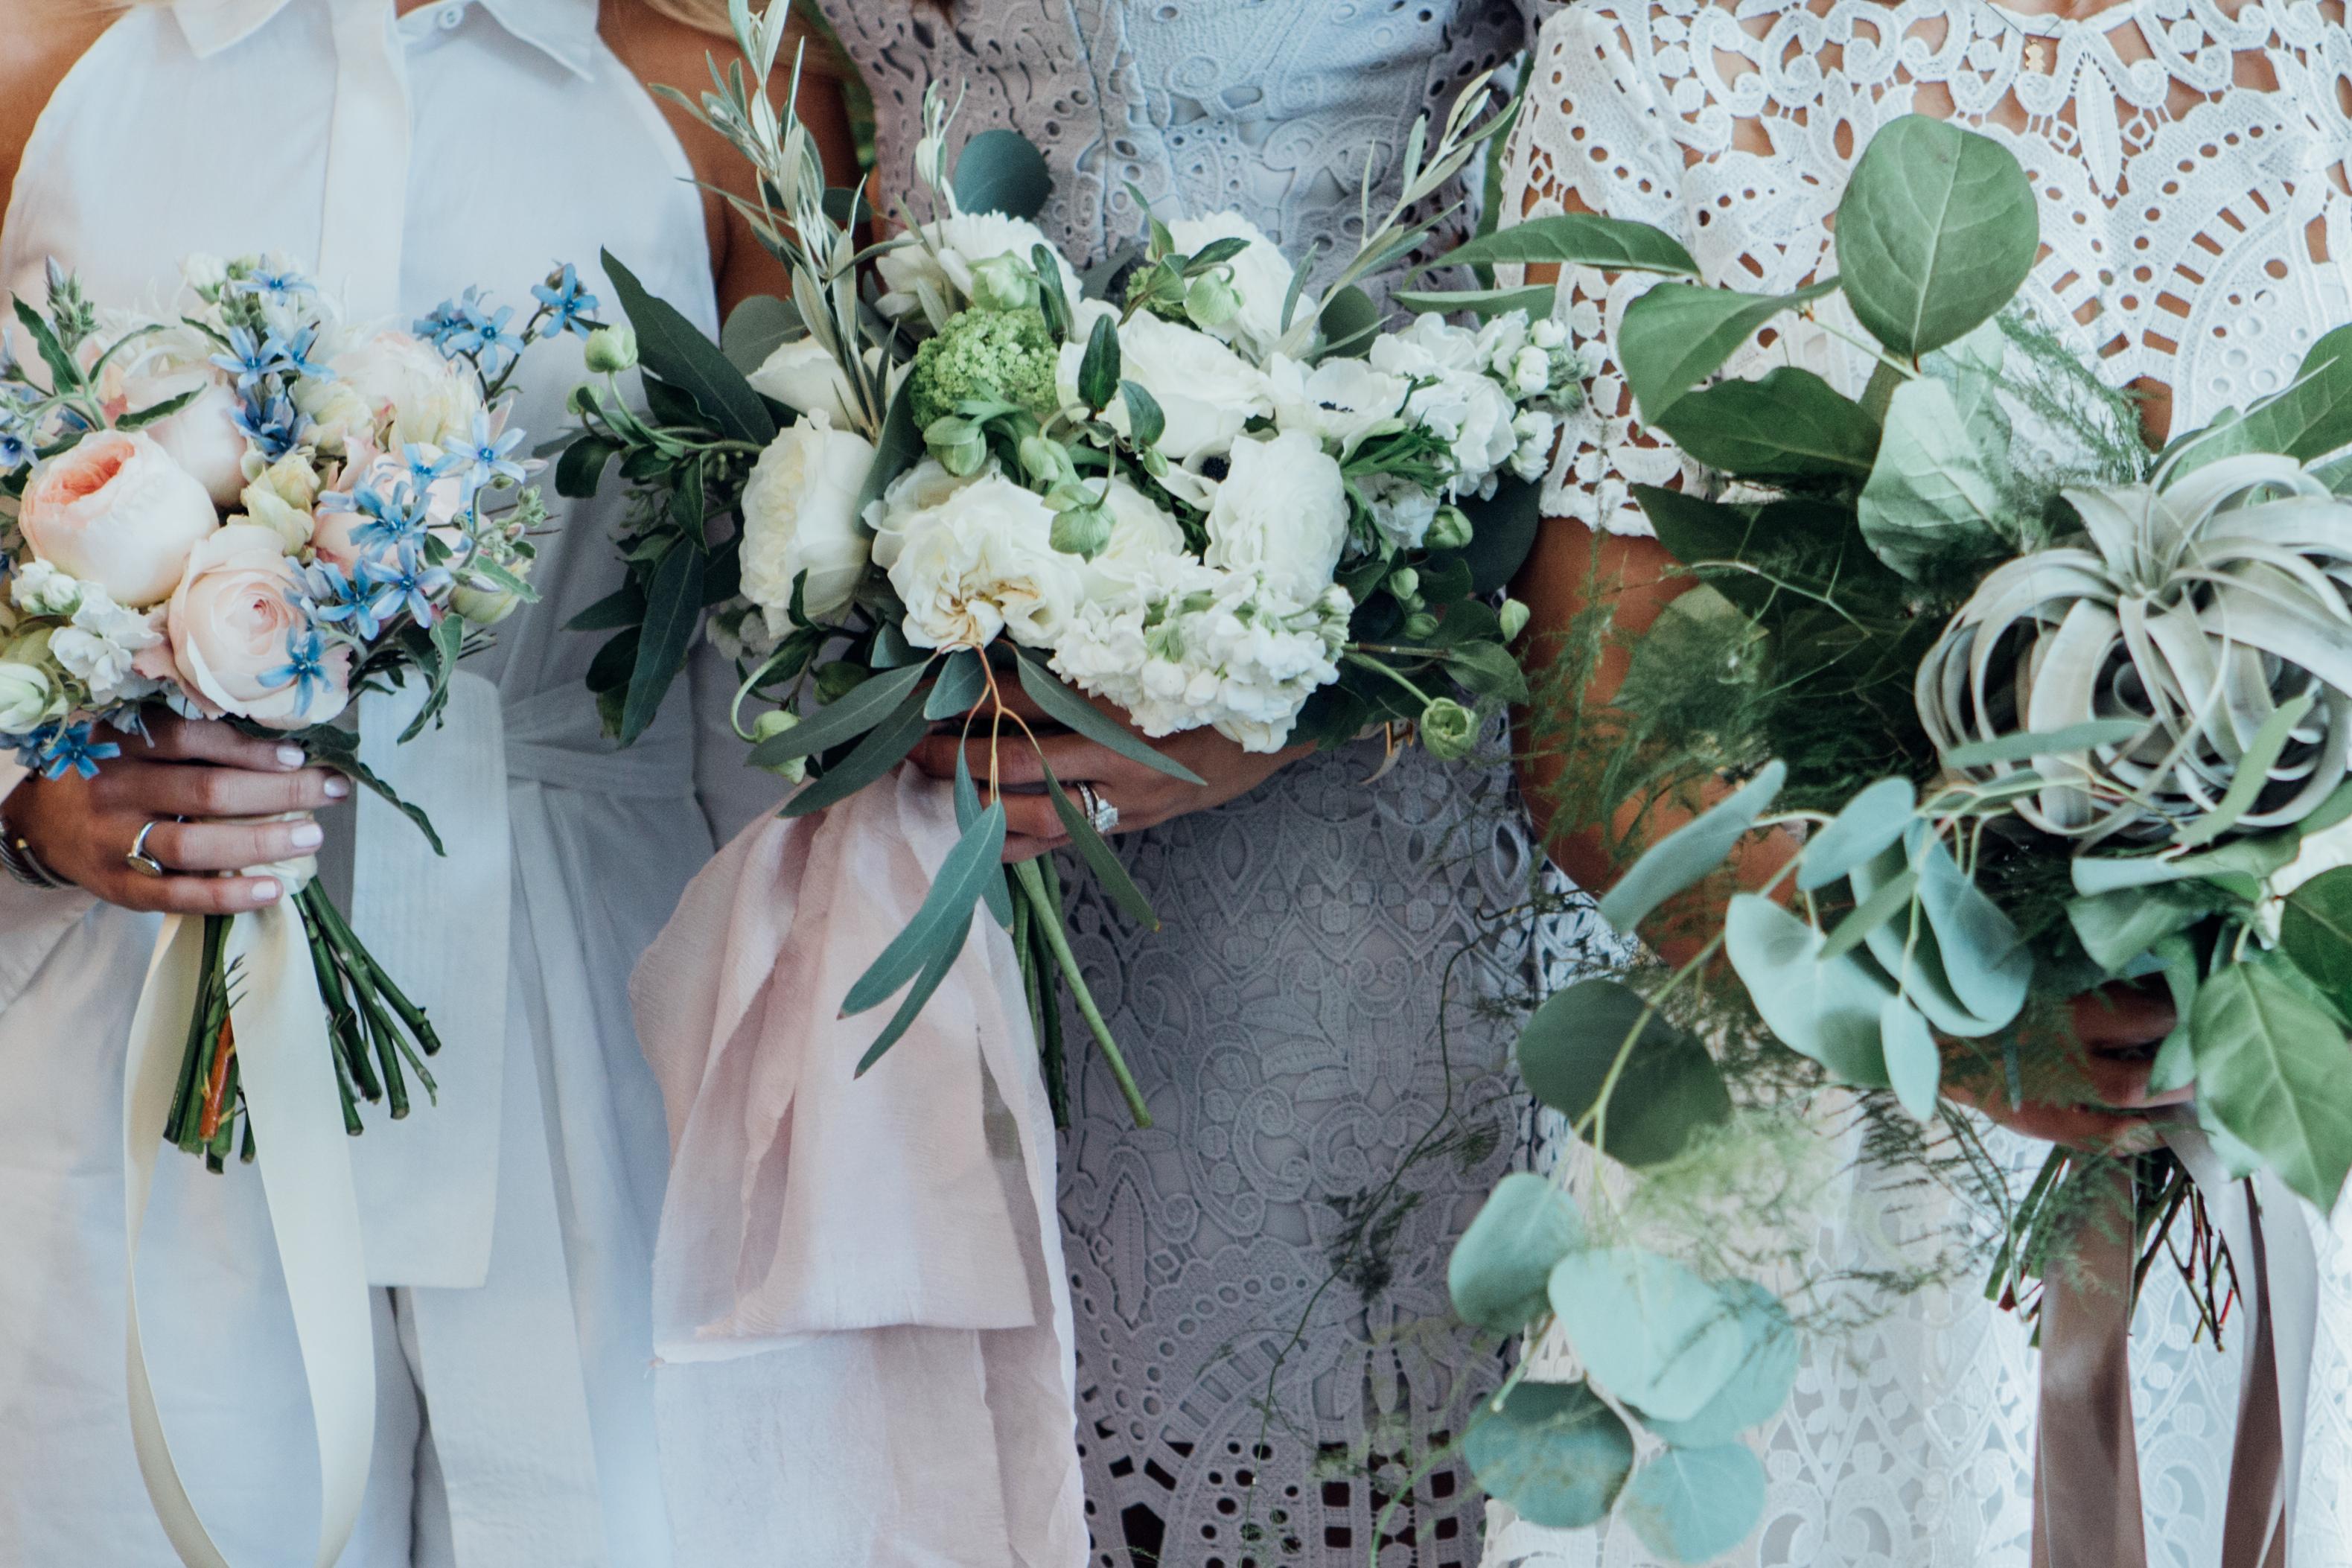 Houston Brides - Houston Weddings